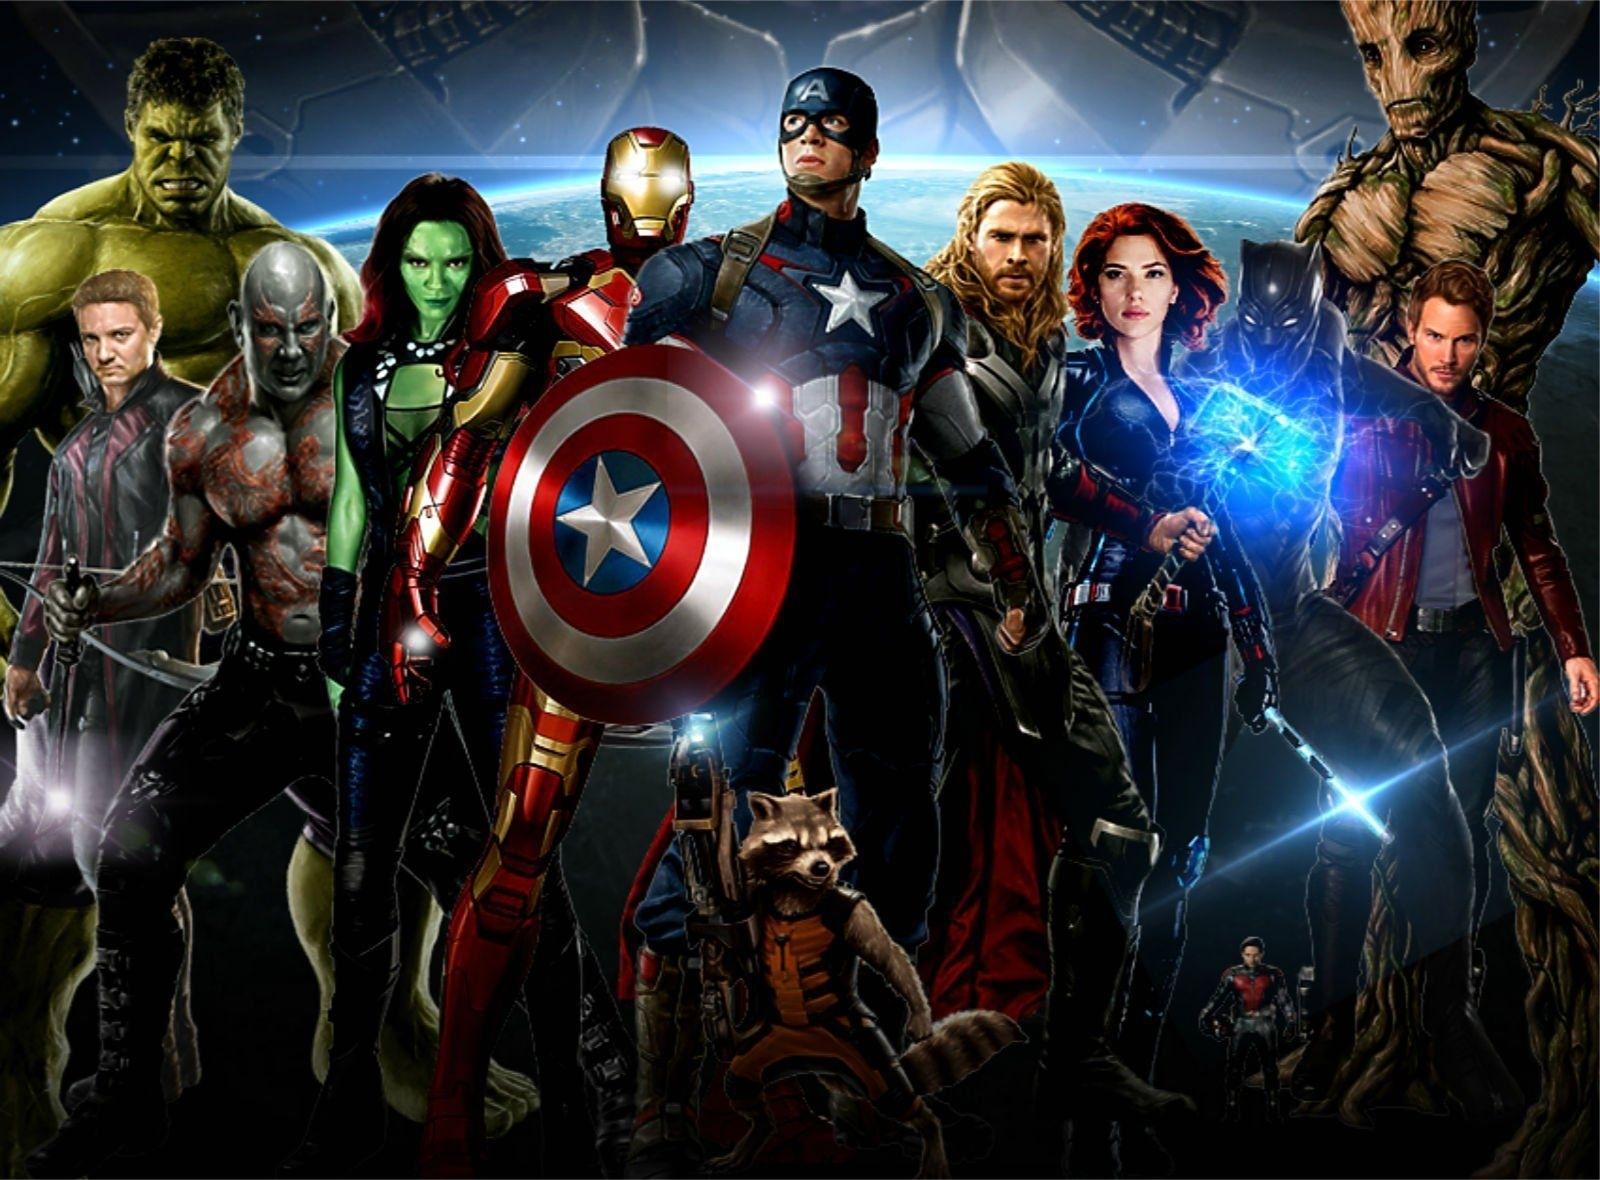 10 New Avengers Infinity War Desktop Wallpaper Full Hd 1080p For Pc